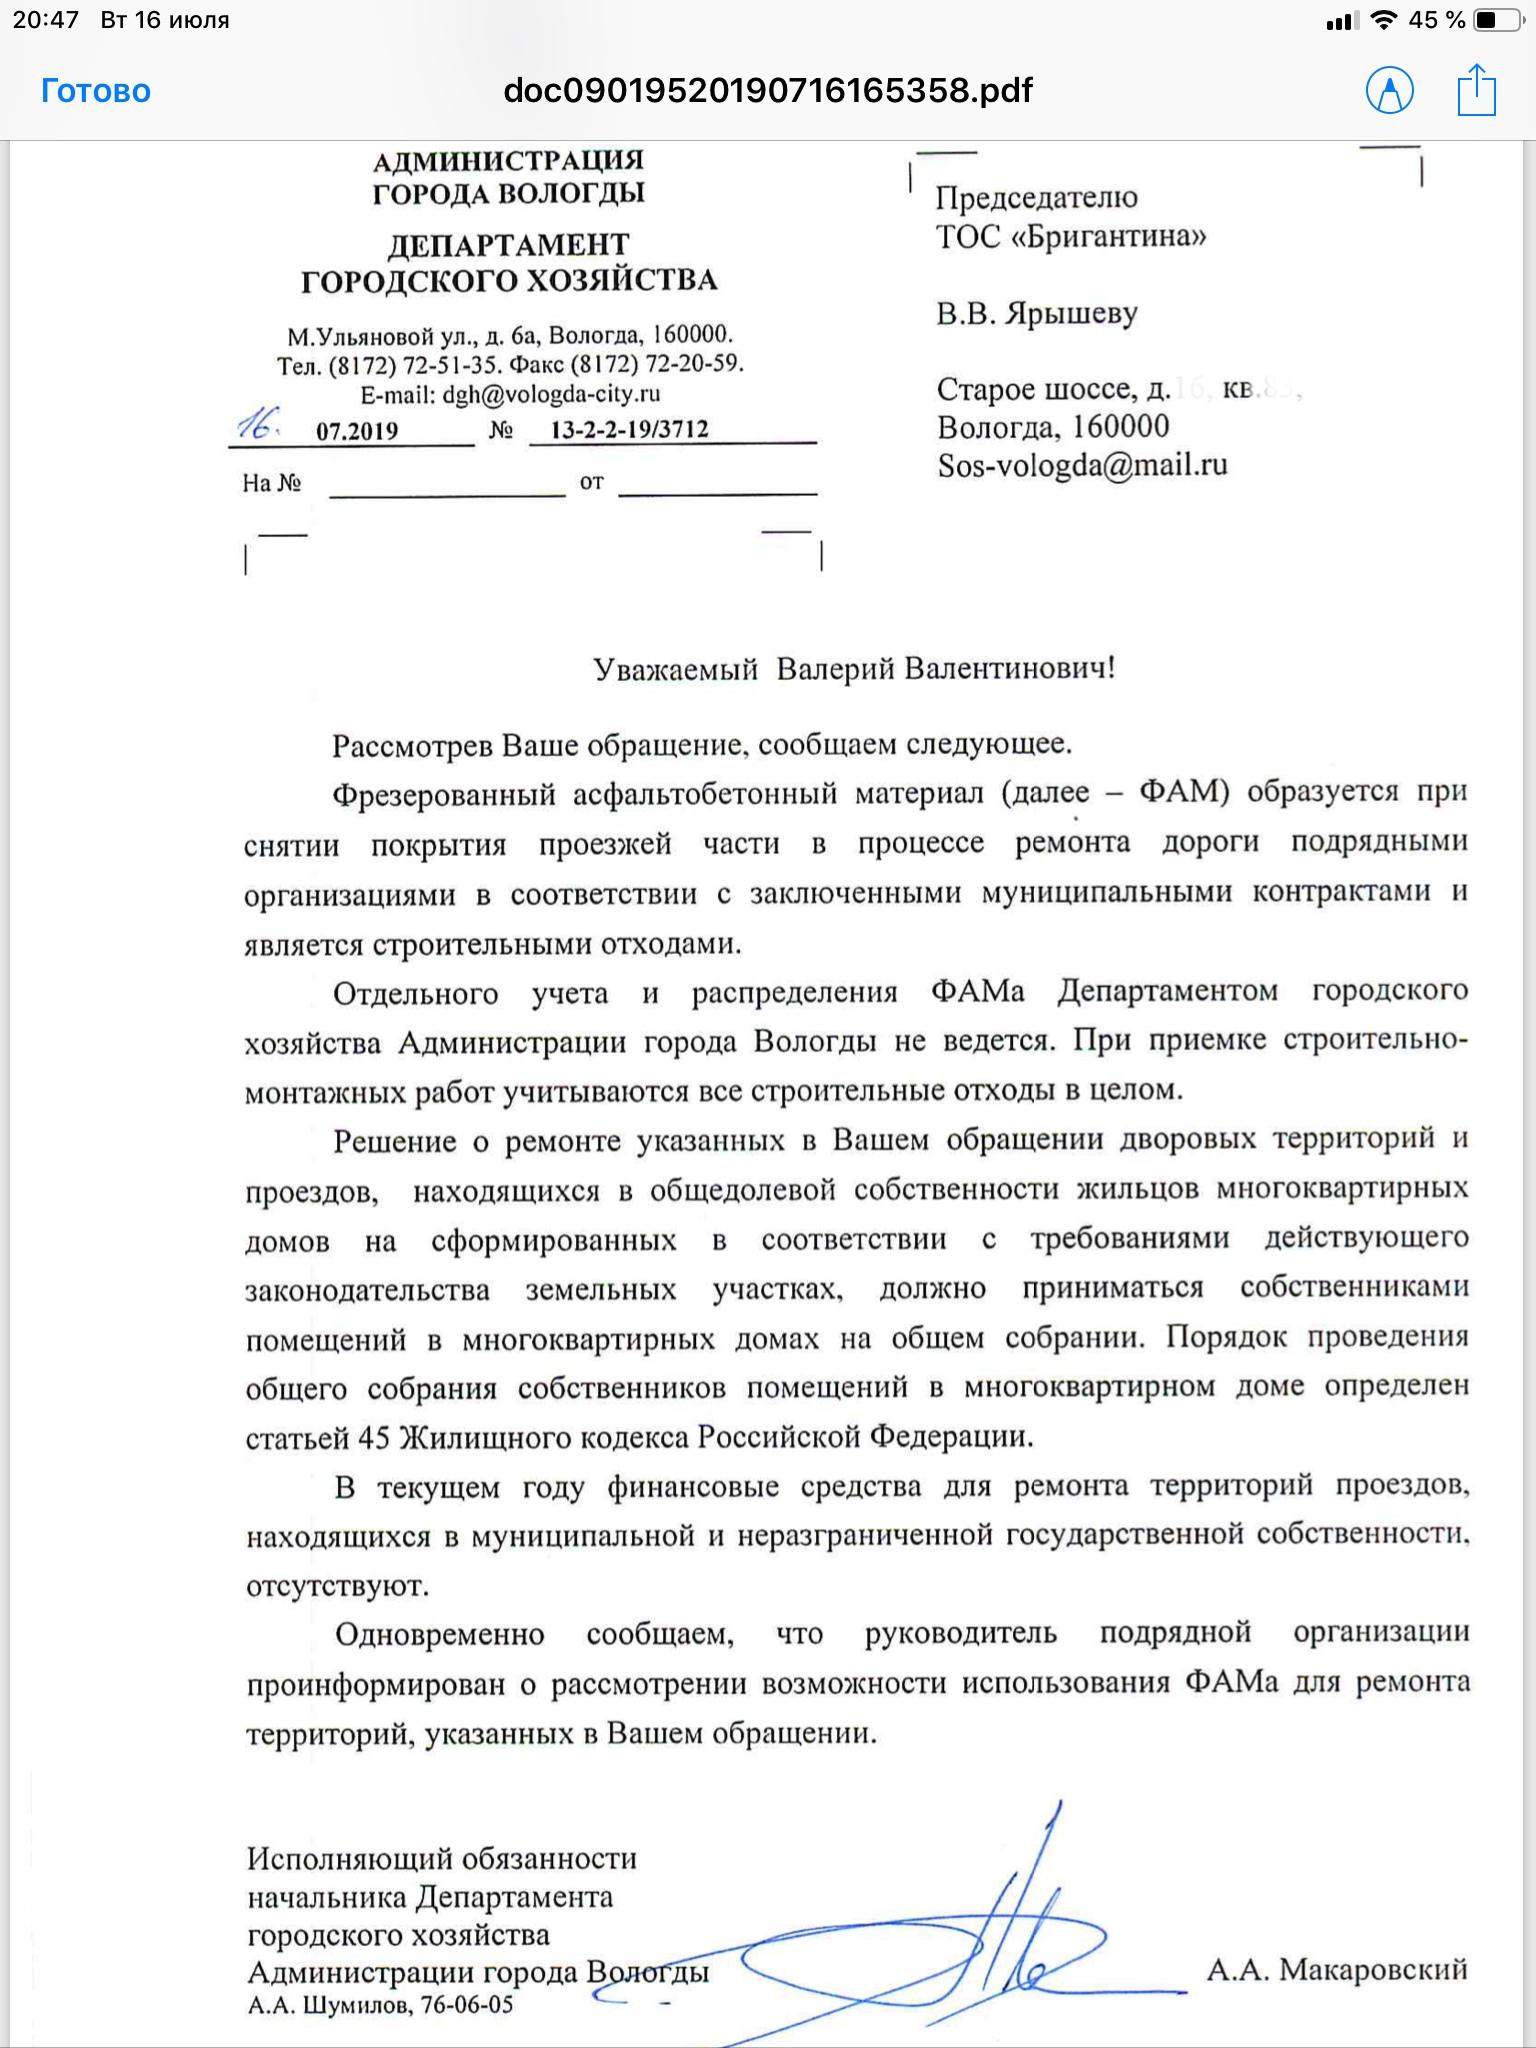 Асфальт для депутата: как ФАМ в Вологде используют в предвыборных целях